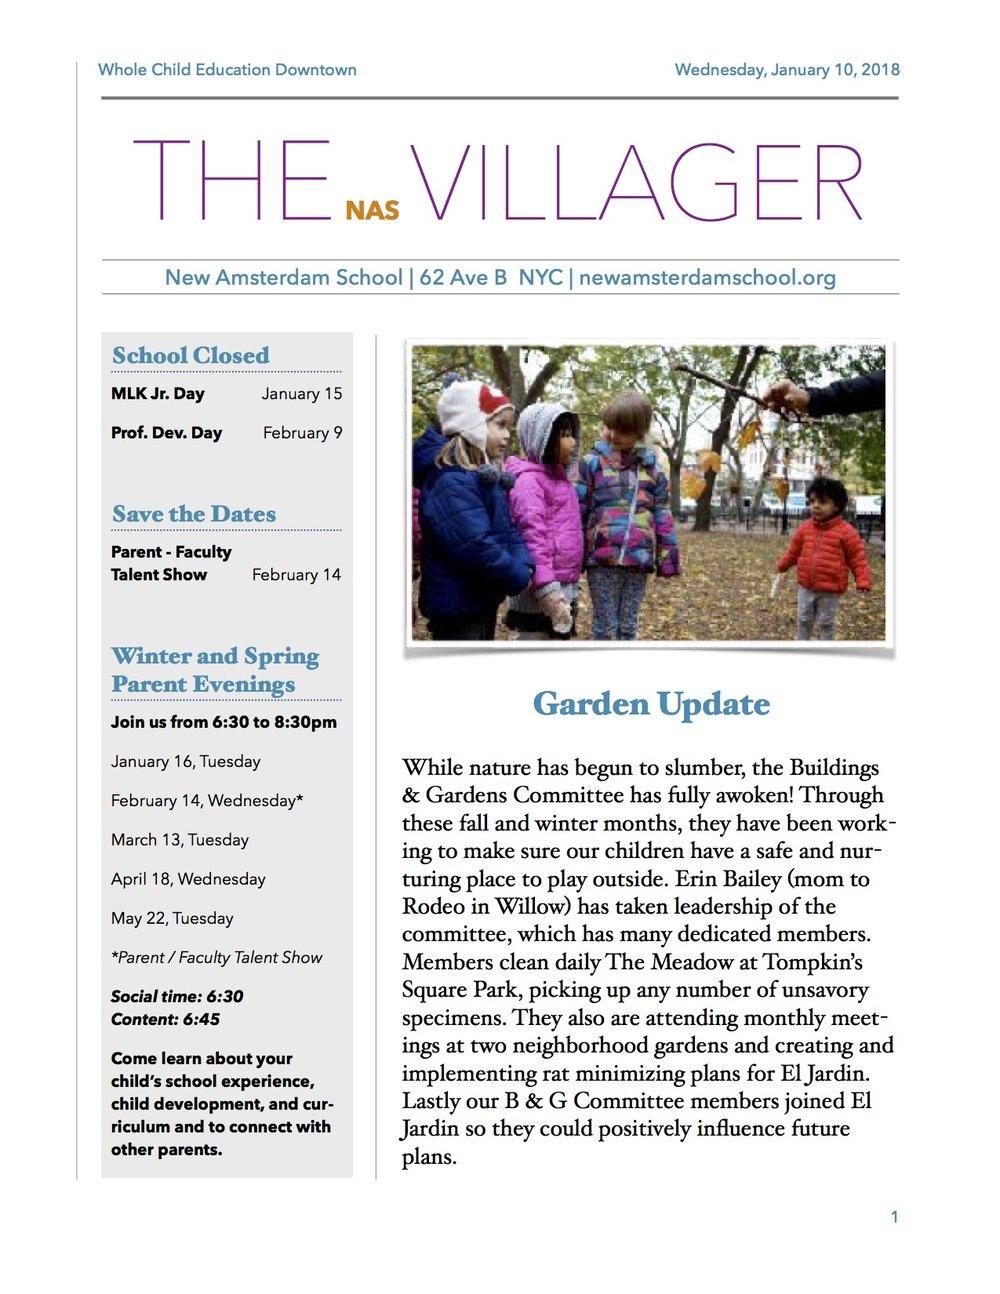 villager-1_10_17-.jpg